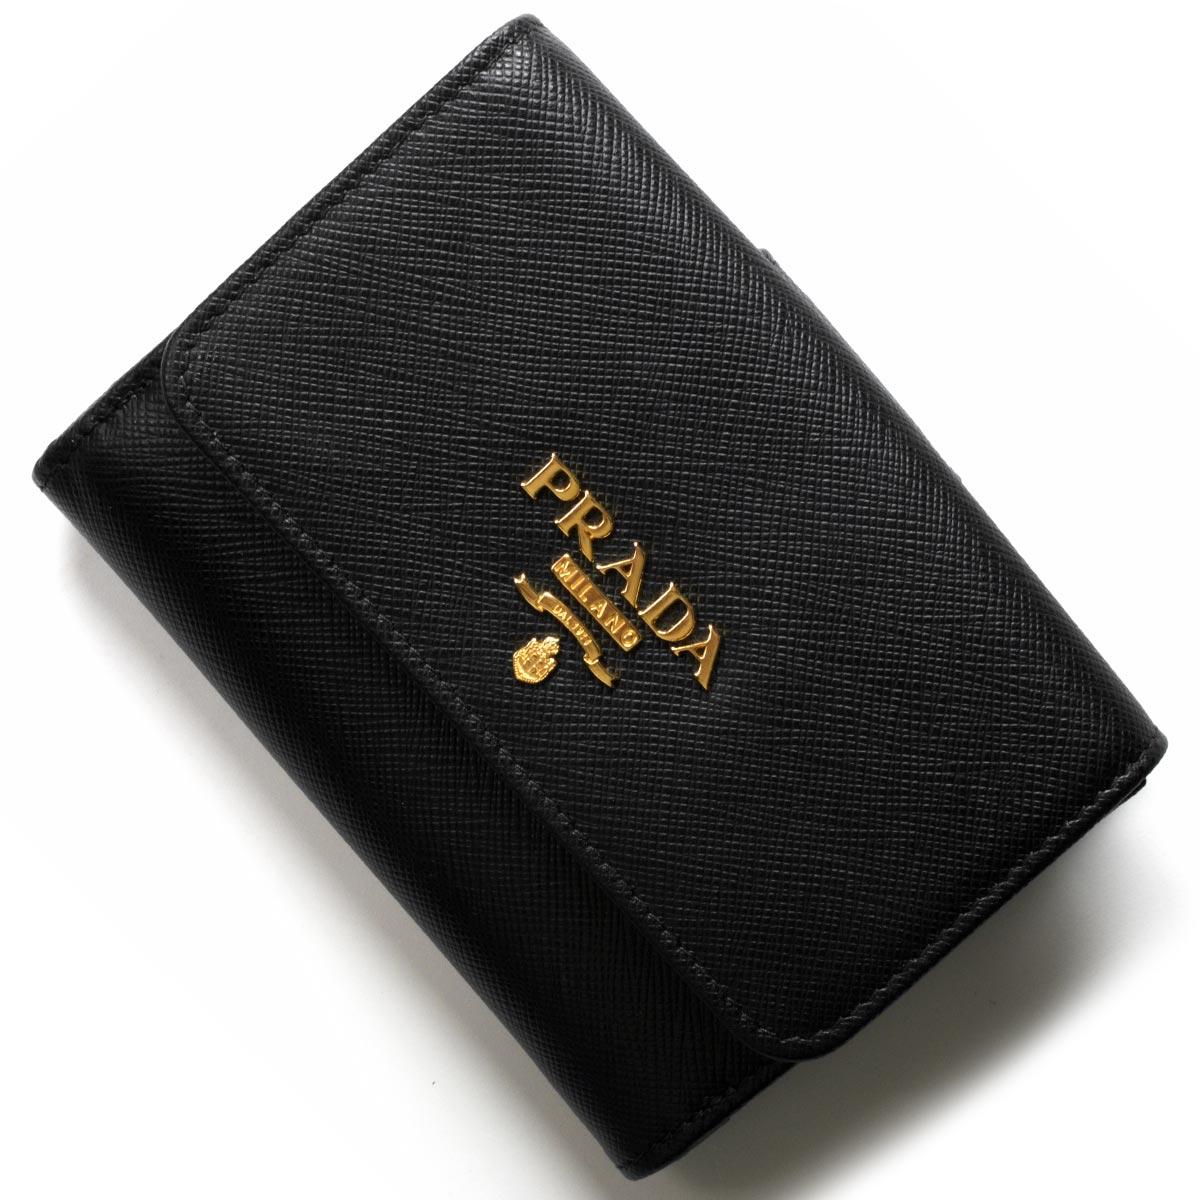 プラダ 二つ折り財布 財布 レディース サフィアーノ メタル ブラック 1MH523 QWA F0002 PRADA